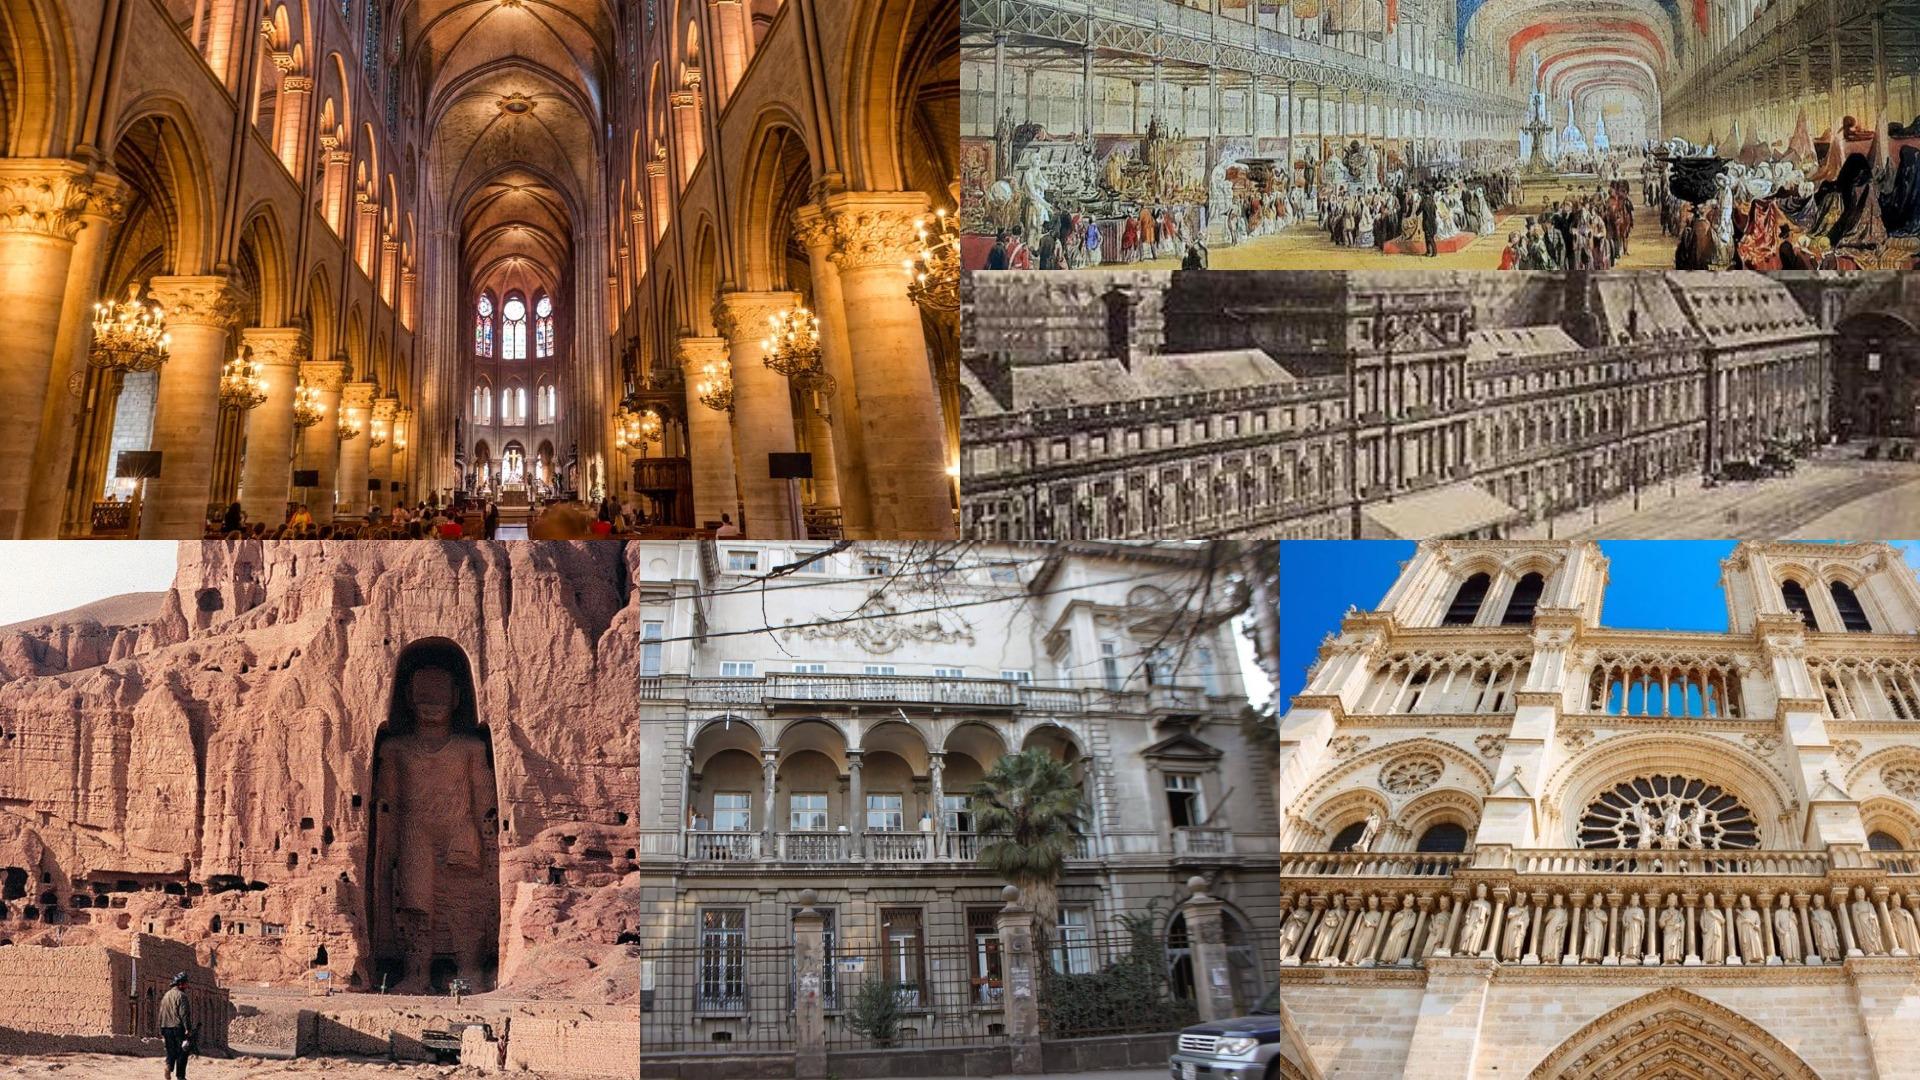 პიკის საათი - სტიქიებს და ომებს შეწირული ისტორიული ძეგლები